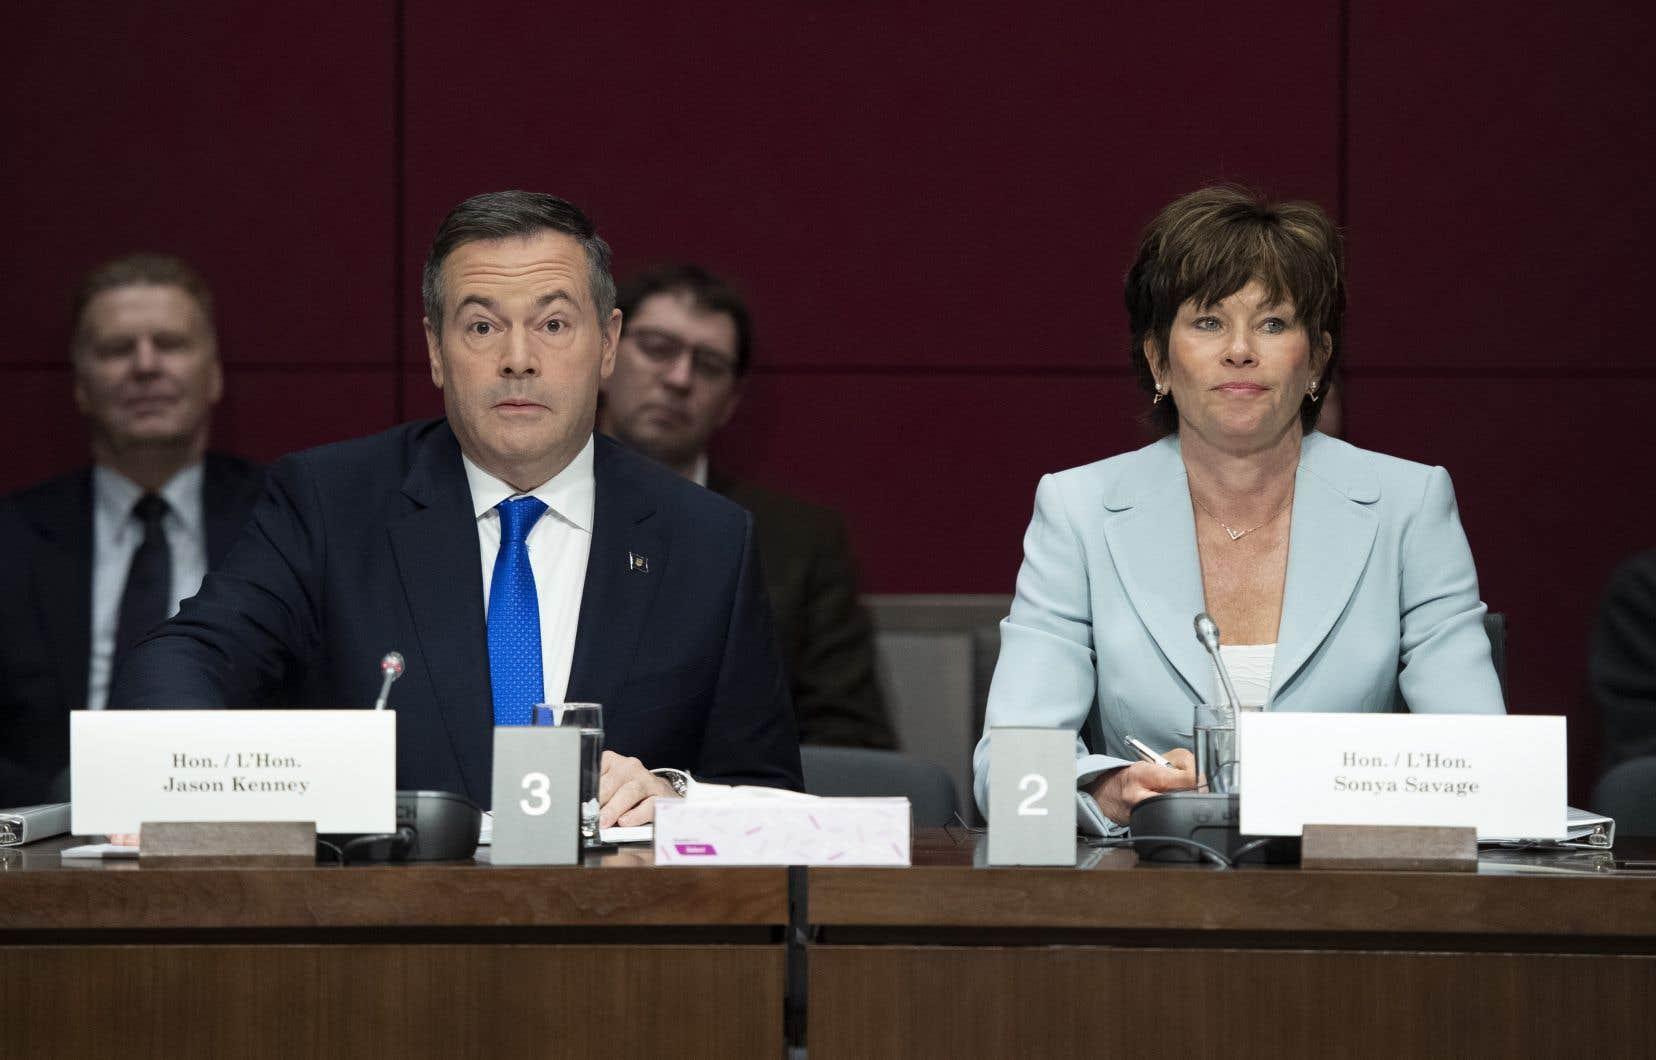 Le premier ministre de l'Alberta, Jason Kenney, et la ministre de l'Énergie, Sonya Savage